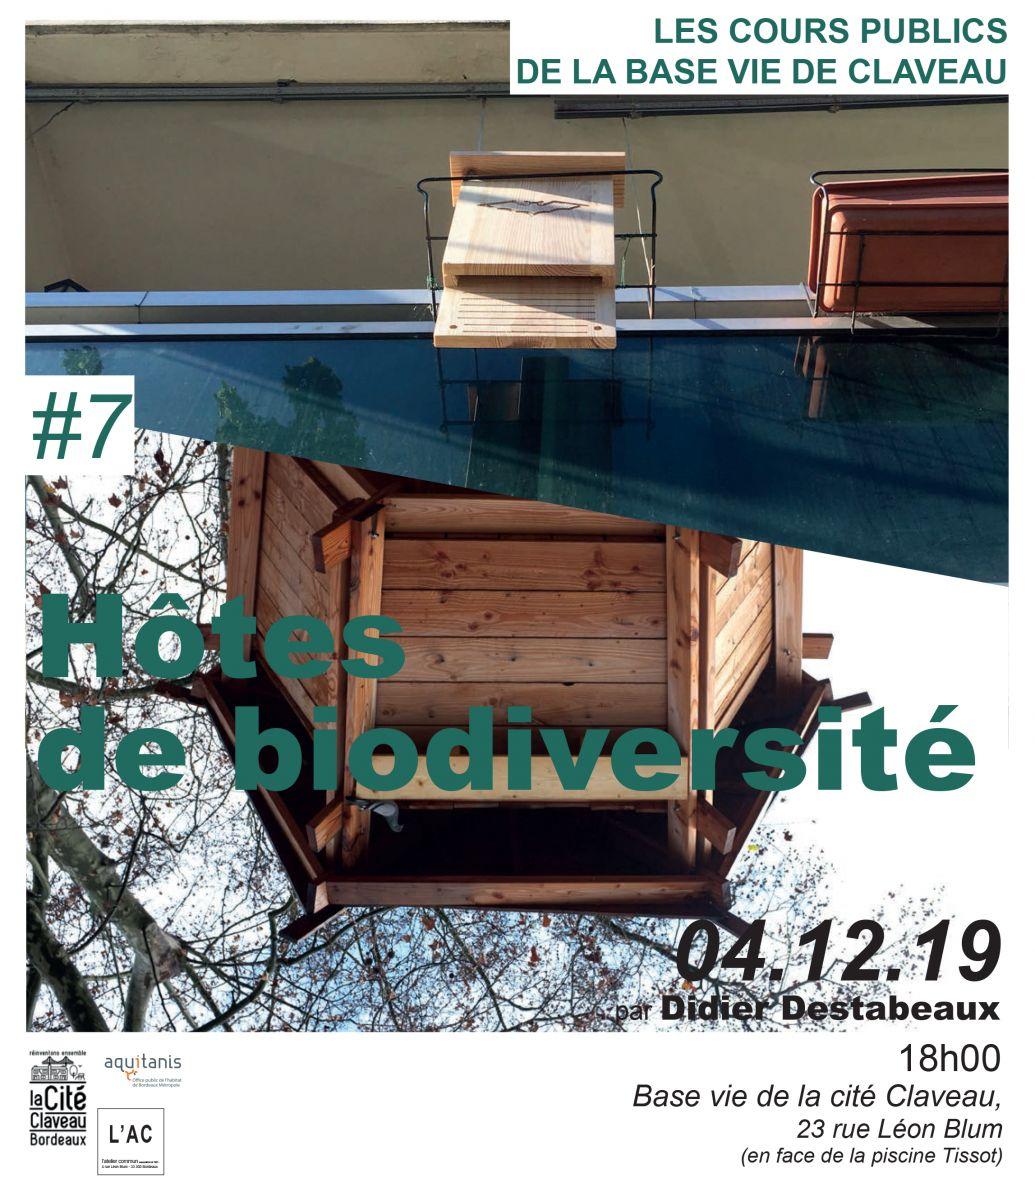 Hôtes De Biodiversité Par Didier Destabeaux - Aquitanisphere tout Piscine Lormont